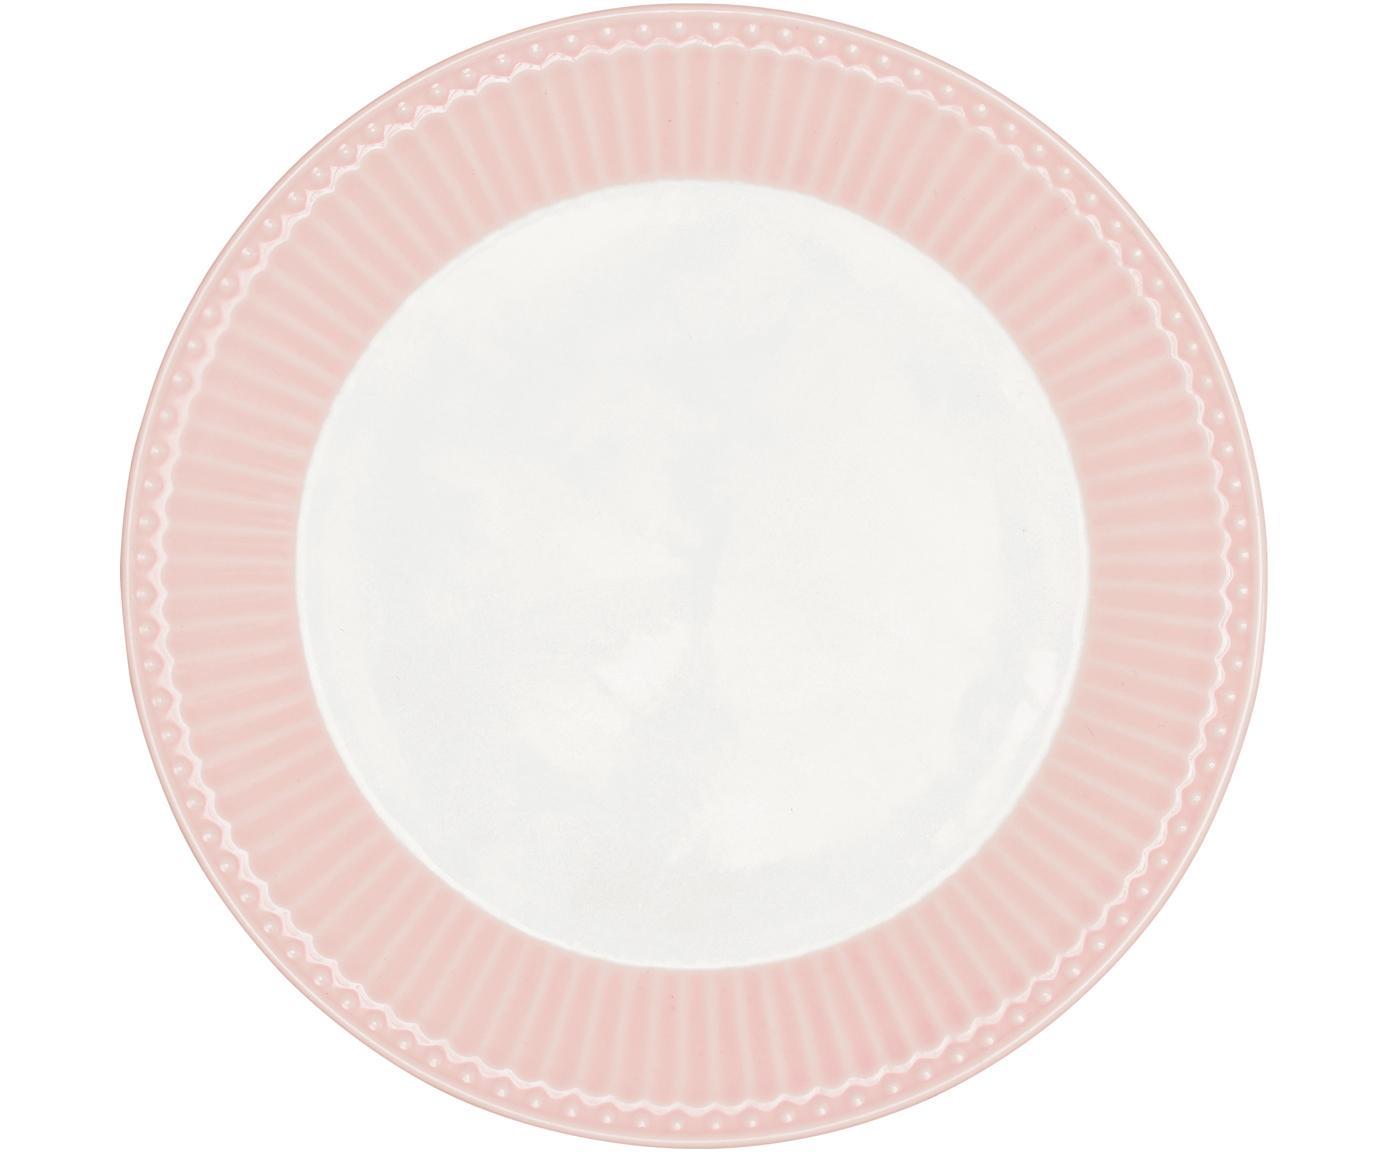 Frühstücksteller Alice in Rosa mit Reliefdesign, 2 Stück, Porzellan, Rosa, Weiß, Ø 23 cm